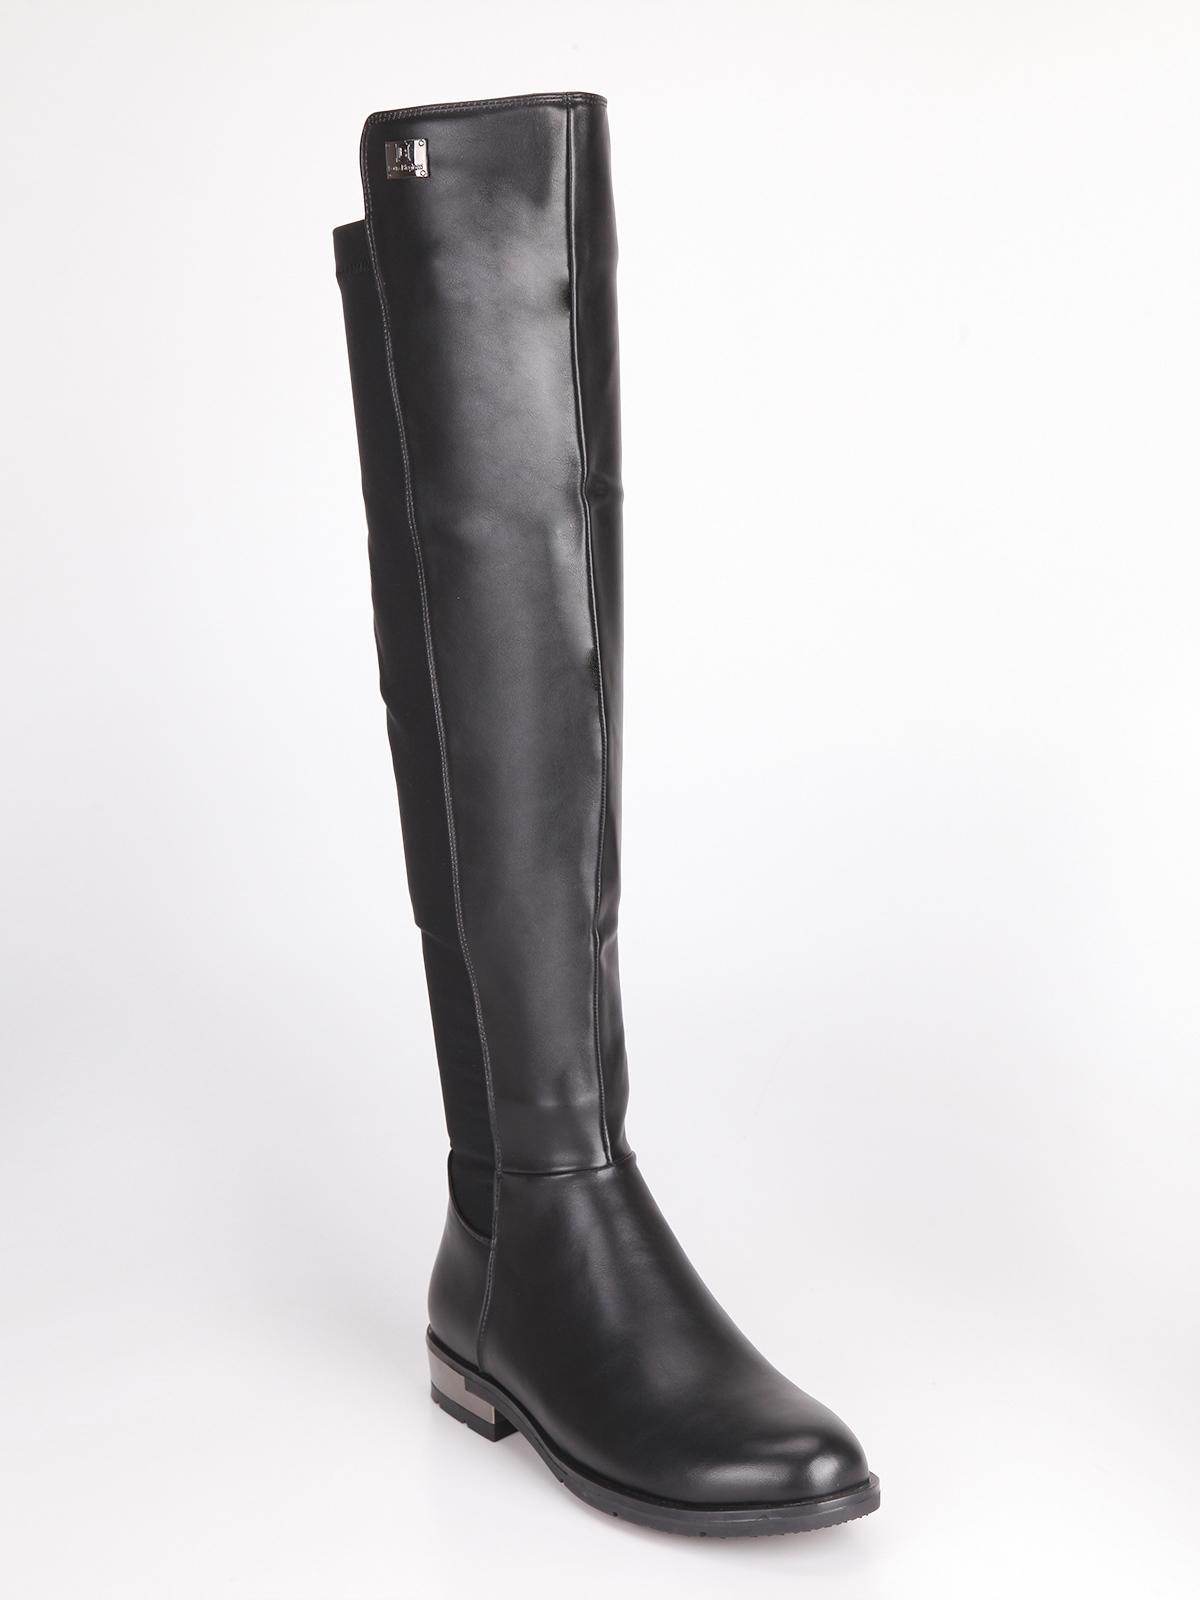 Stivali alti con tacco basso laura biagiotti | MecShopping